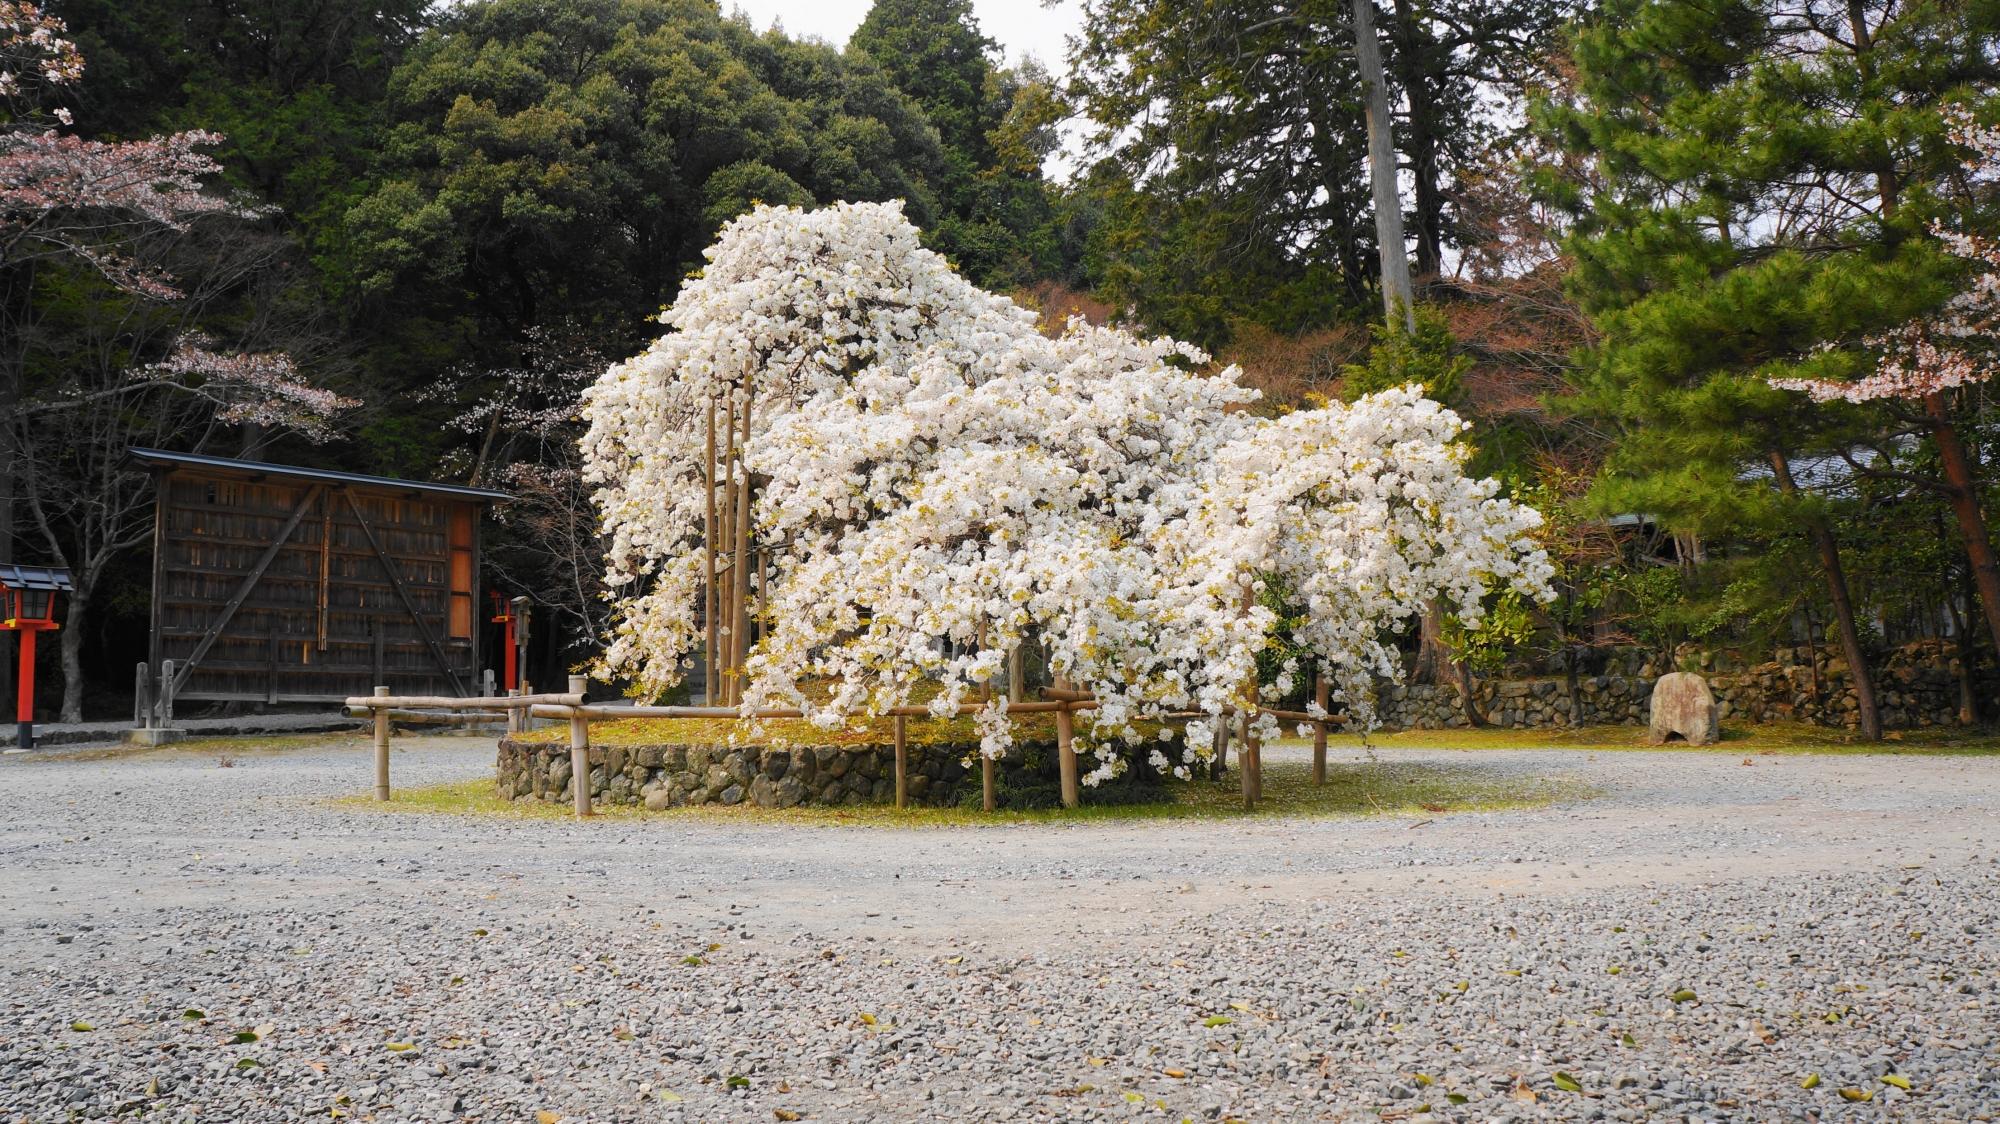 大原野神社の素晴らしい千眼桜と春の情景